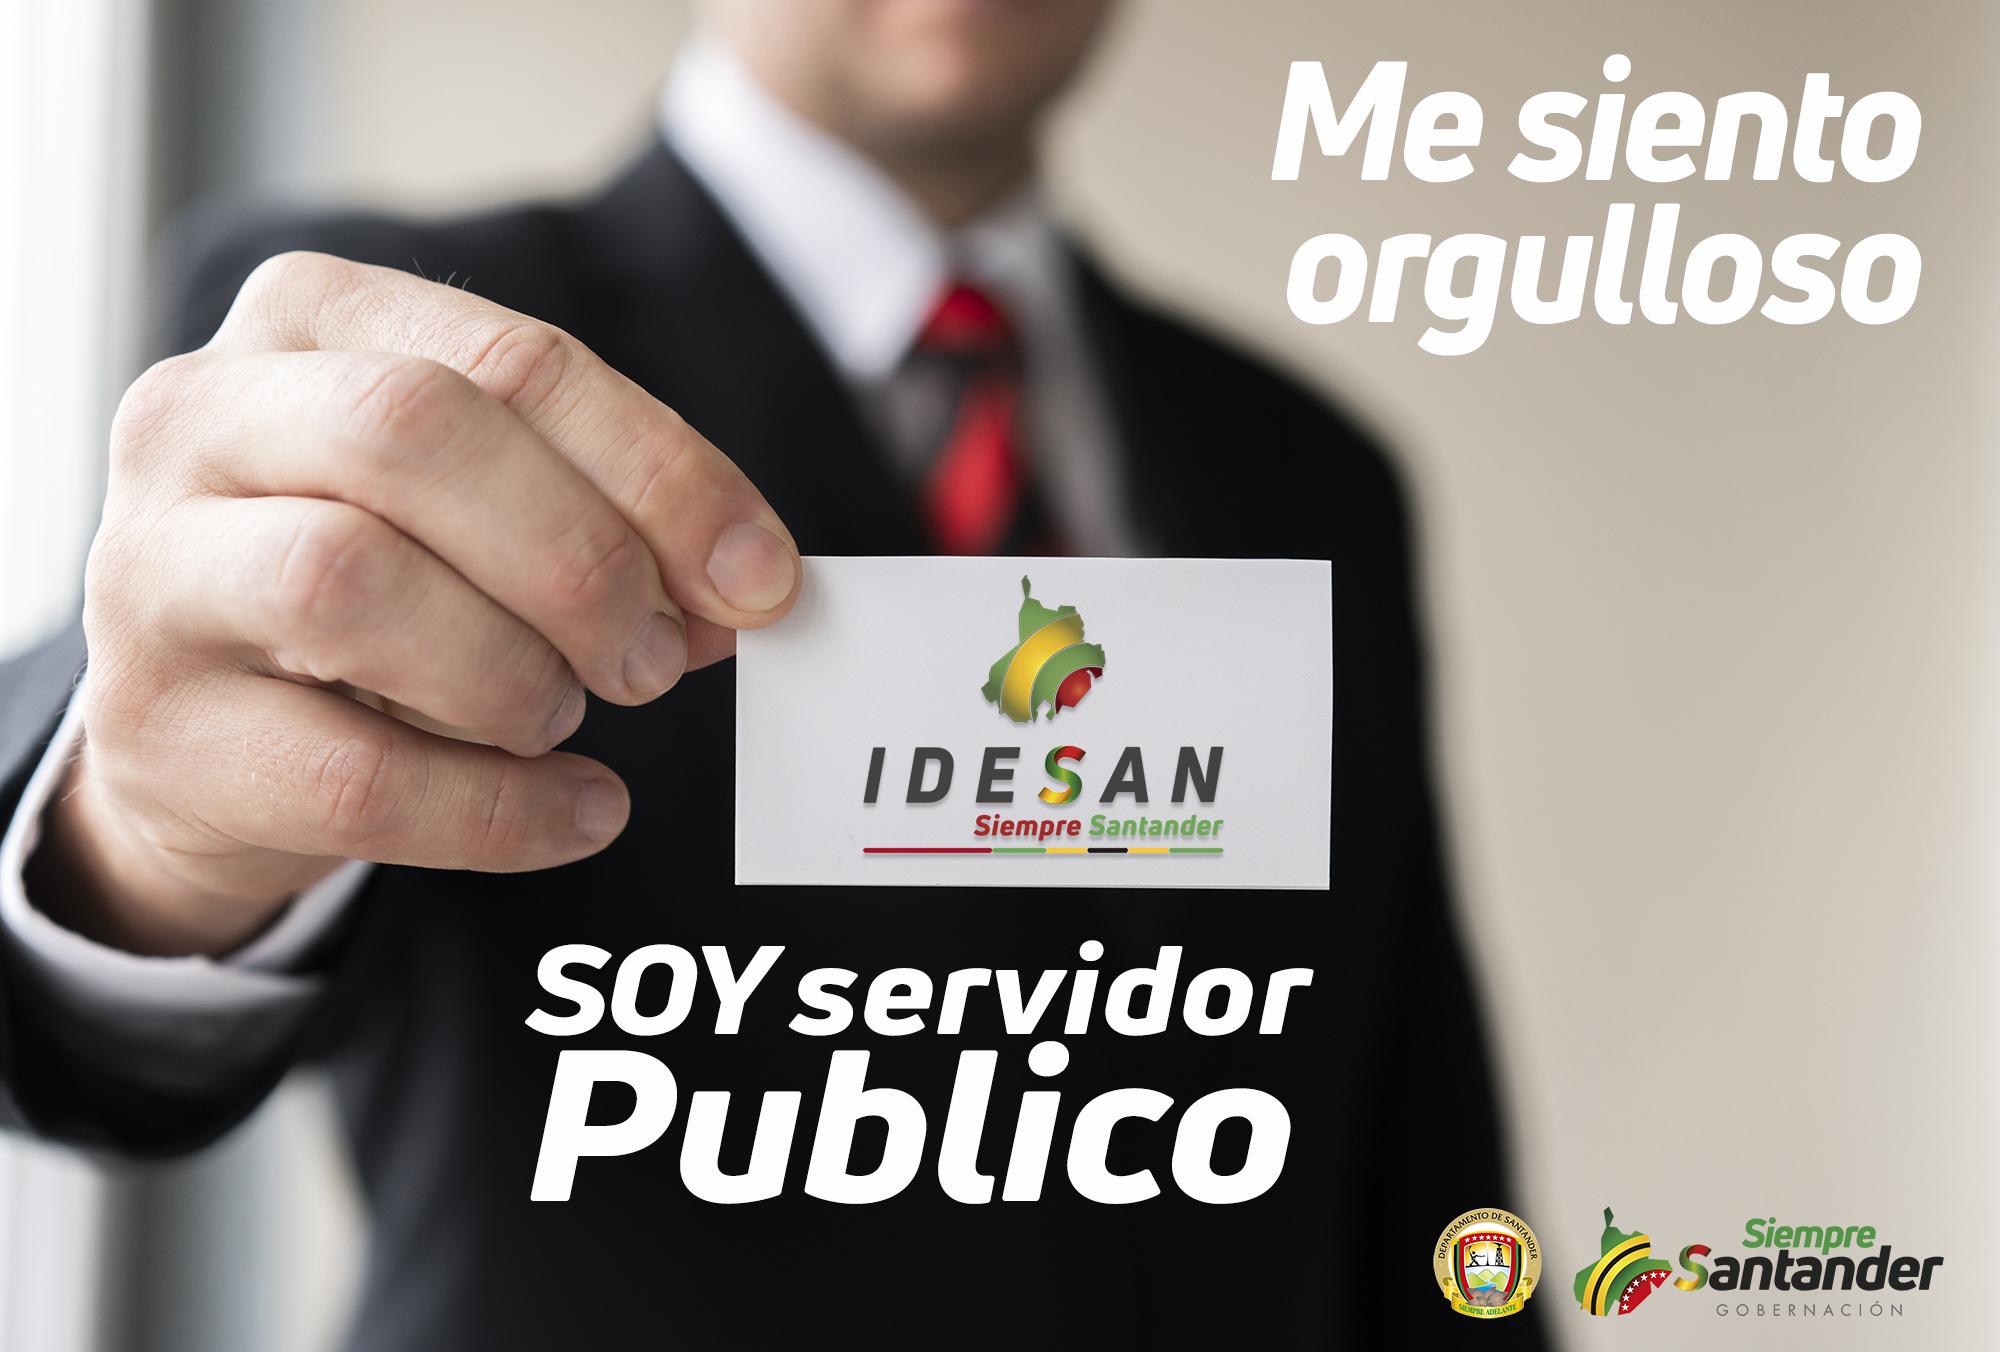 arte-servidor-publico-idesan